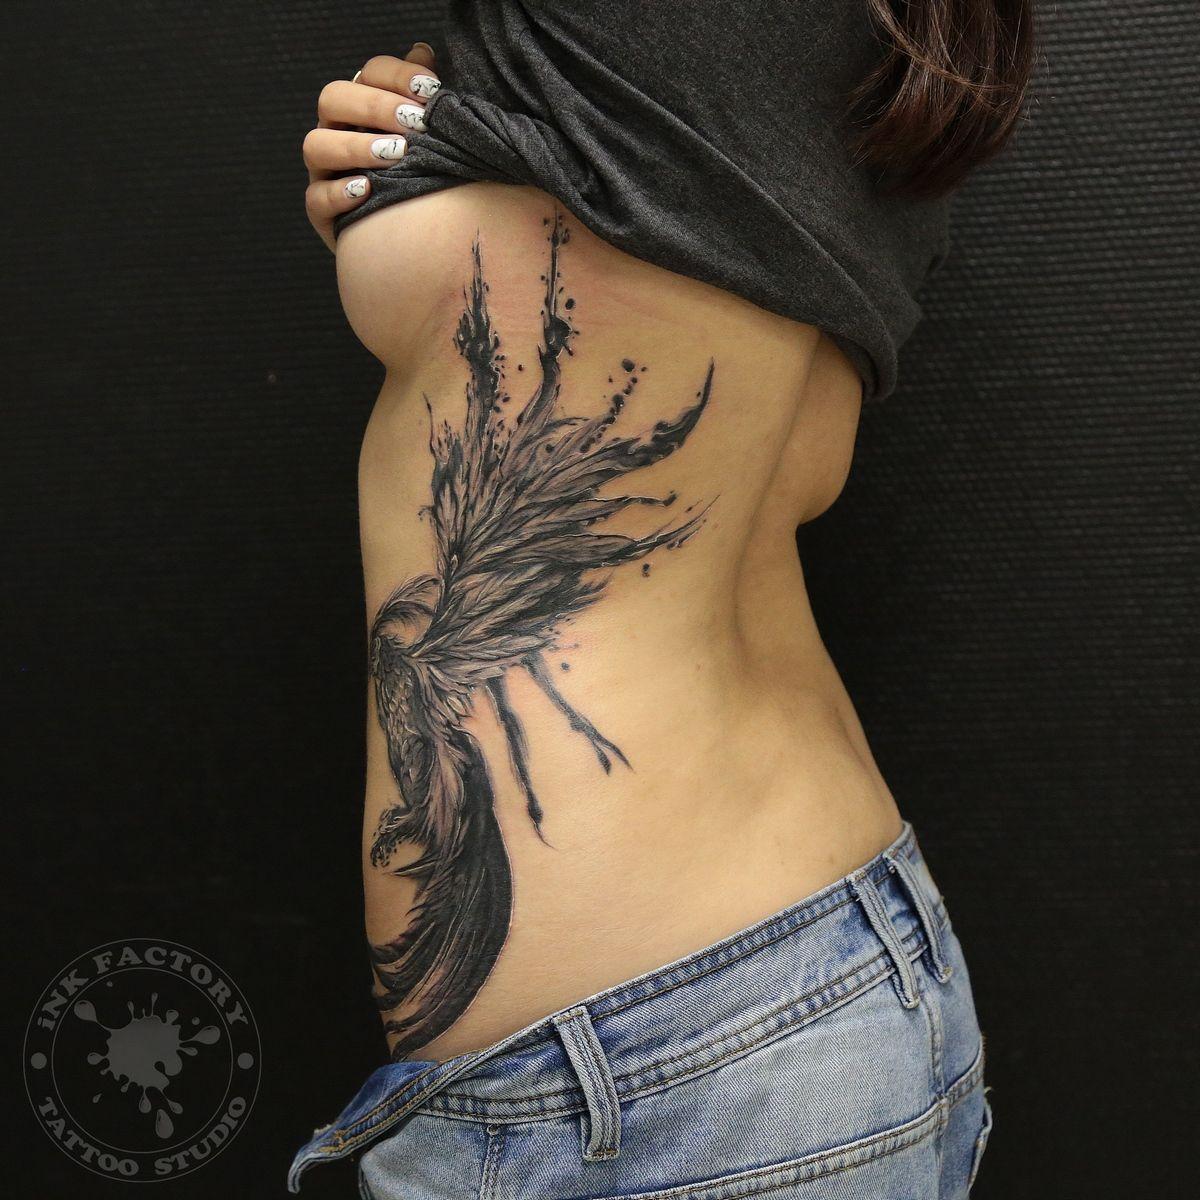 Феникс на боку - сделано в InkFactory